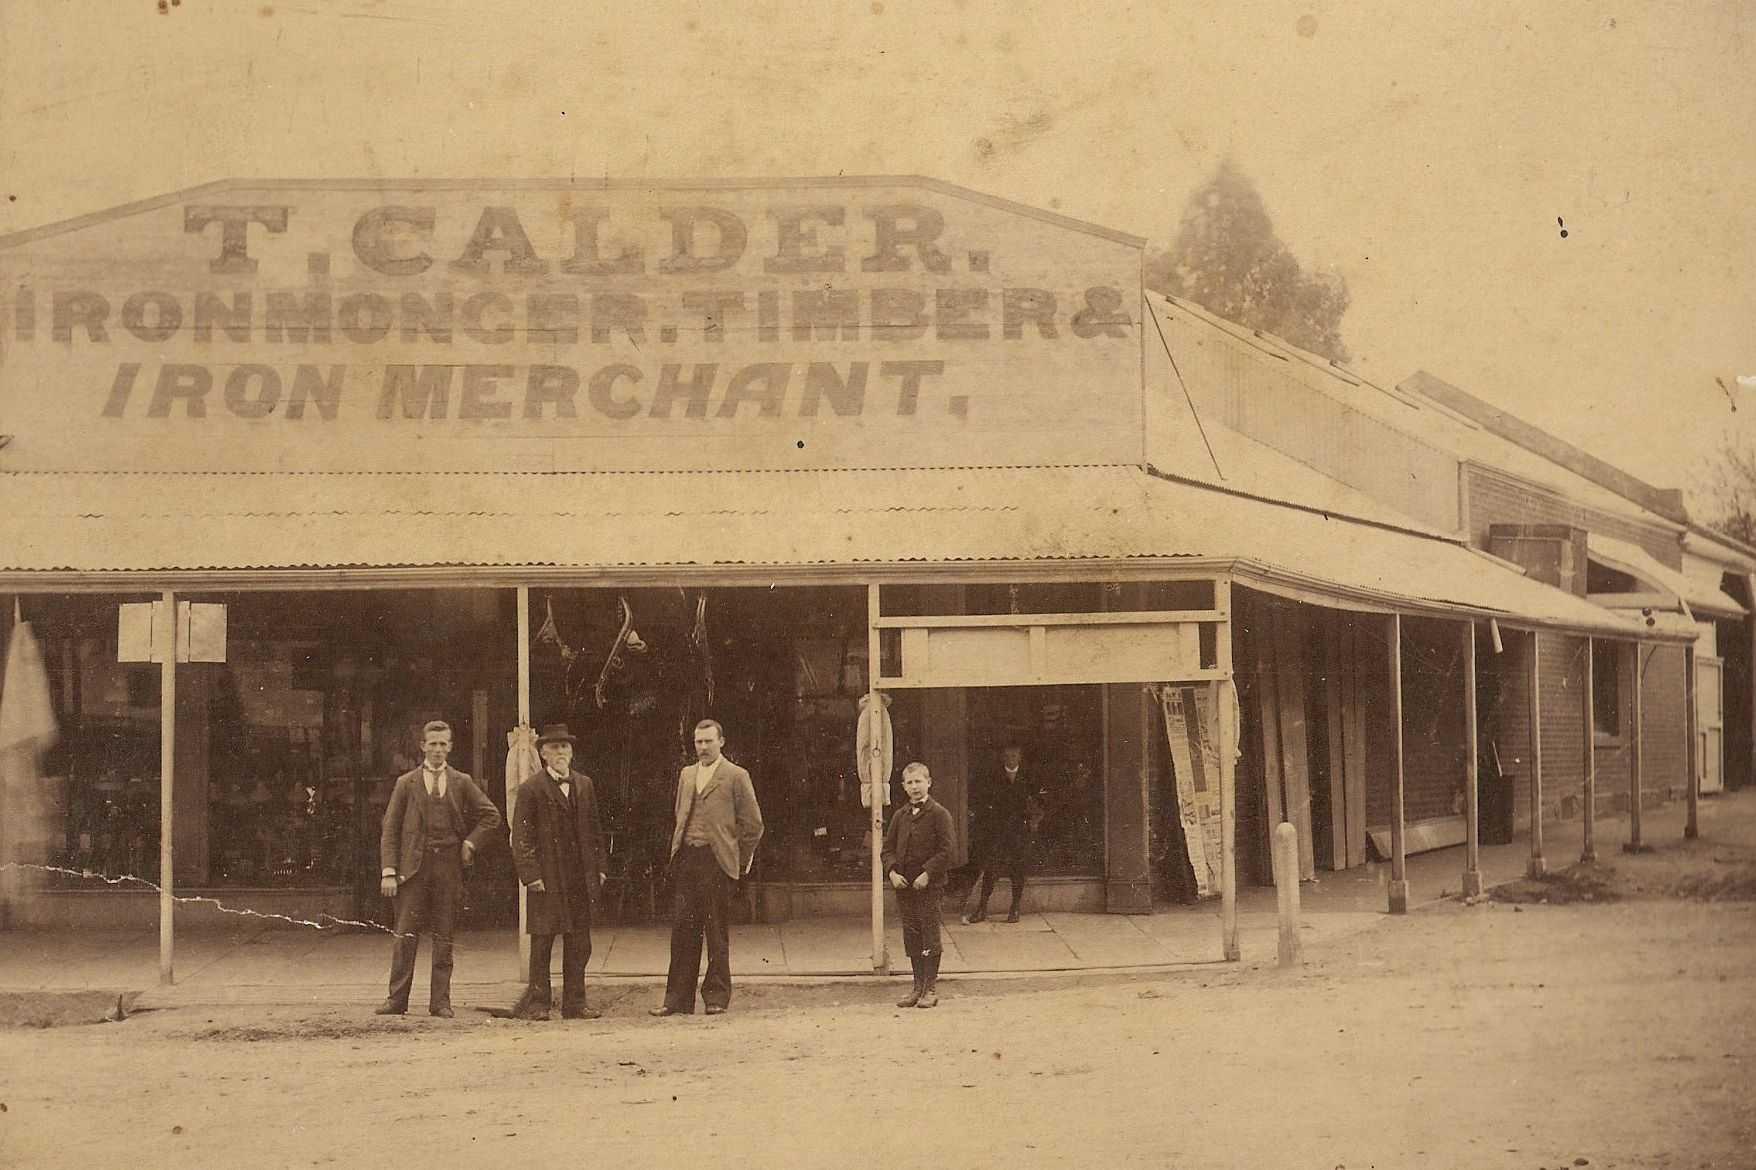 Calder's Ironmongery, 1866